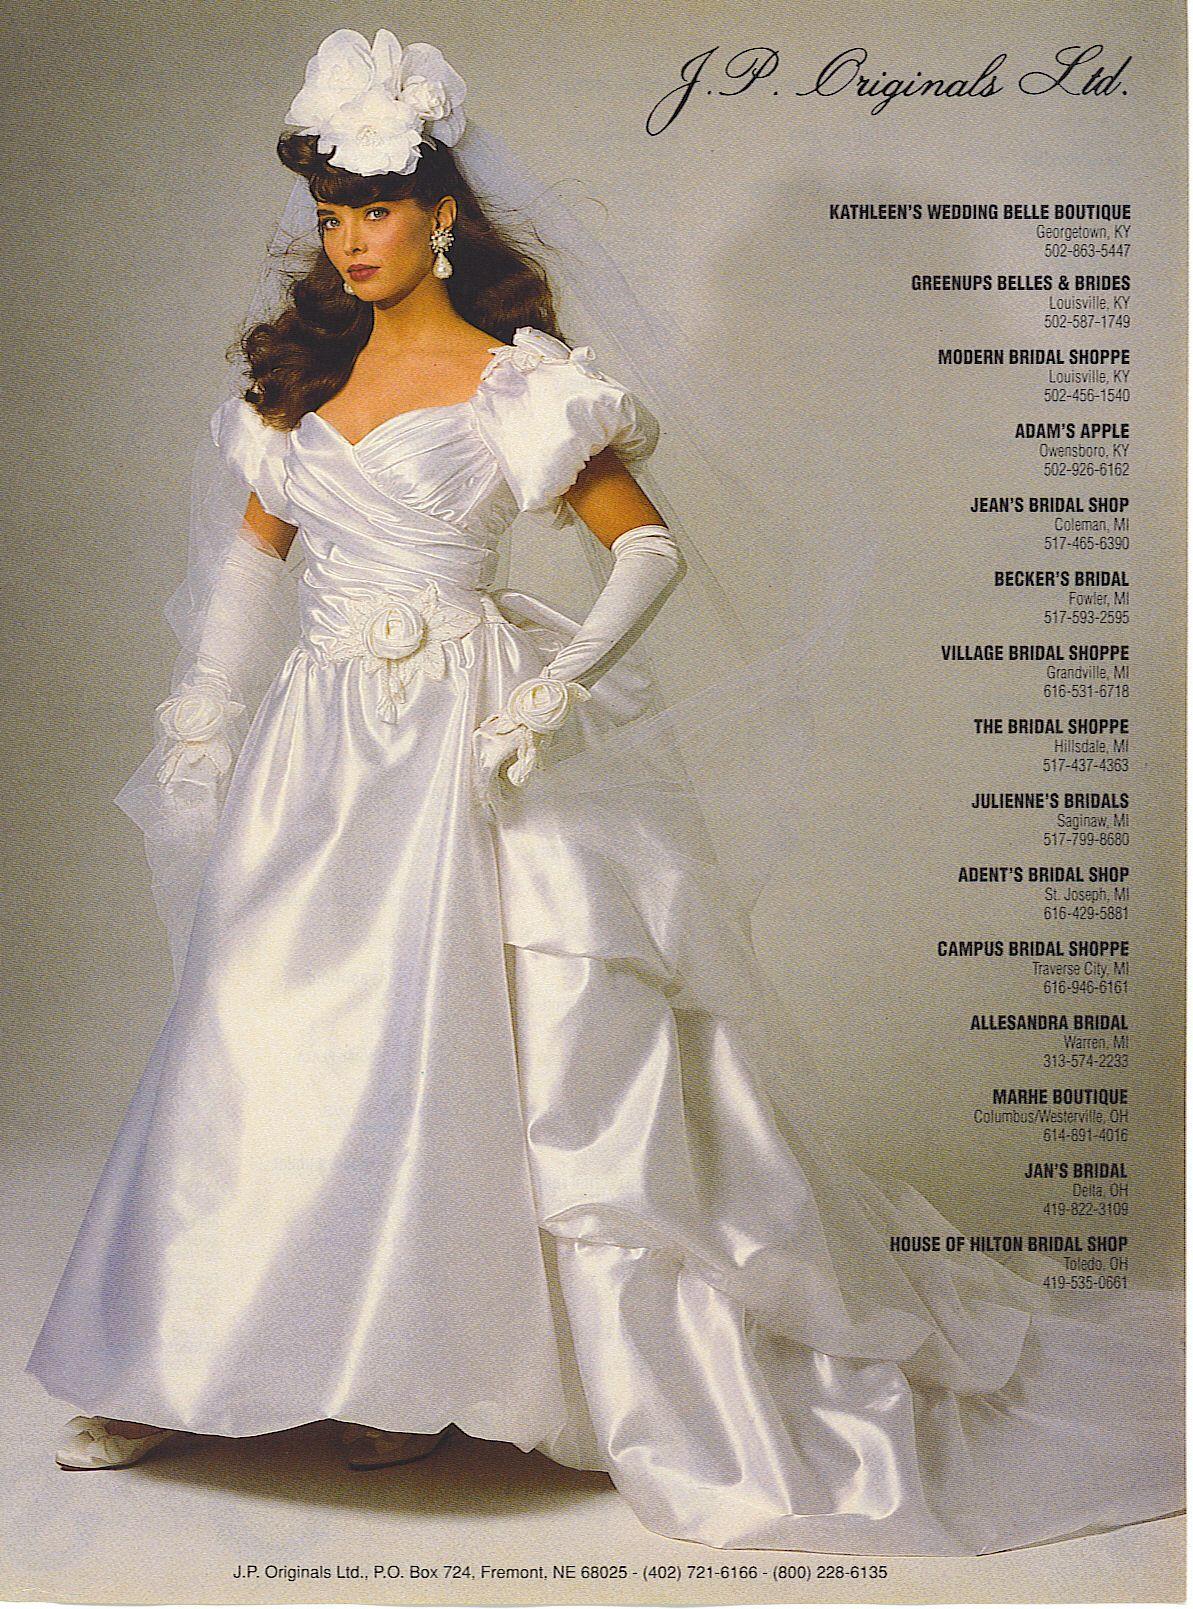 Pin von n loren auf 80\'S AND 90\'S BRIDAL WEDDING FASHION | Pinterest ...